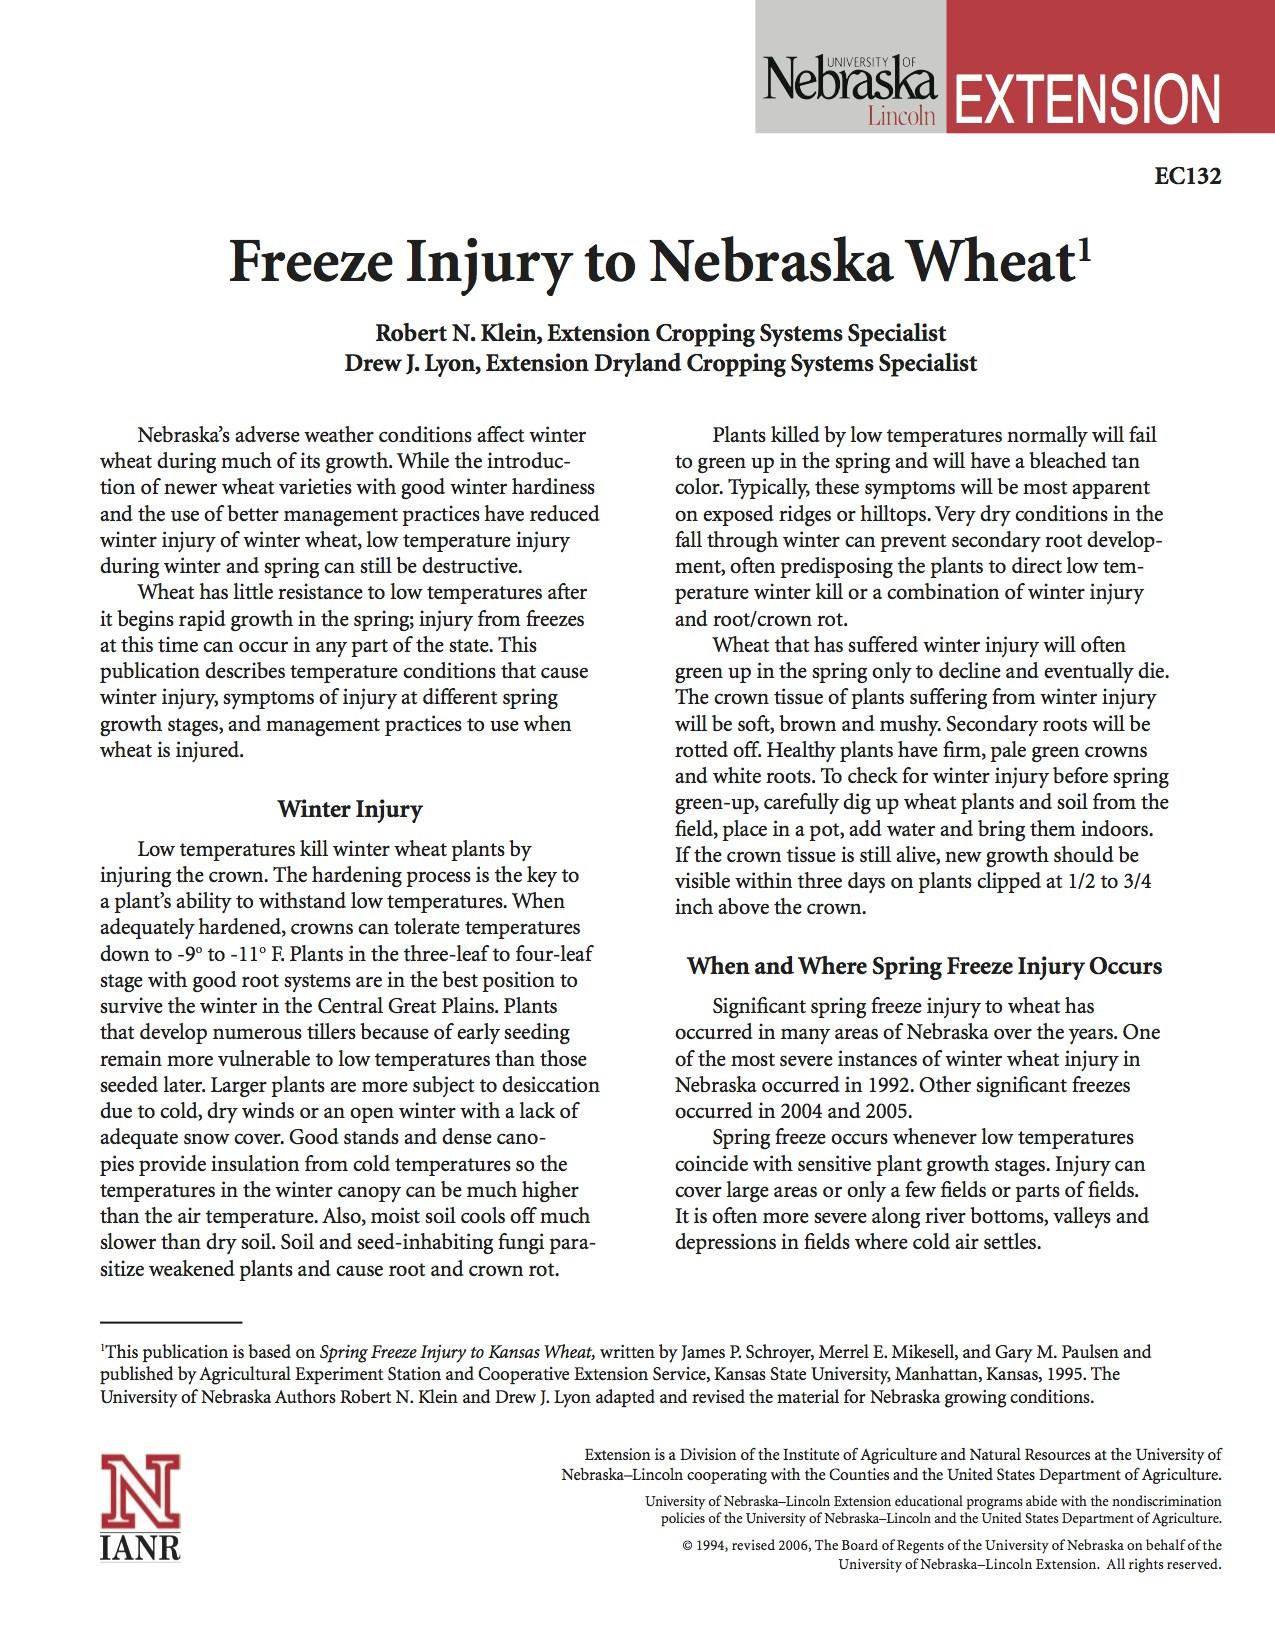 Freeze Injury to Nebraska Wheat